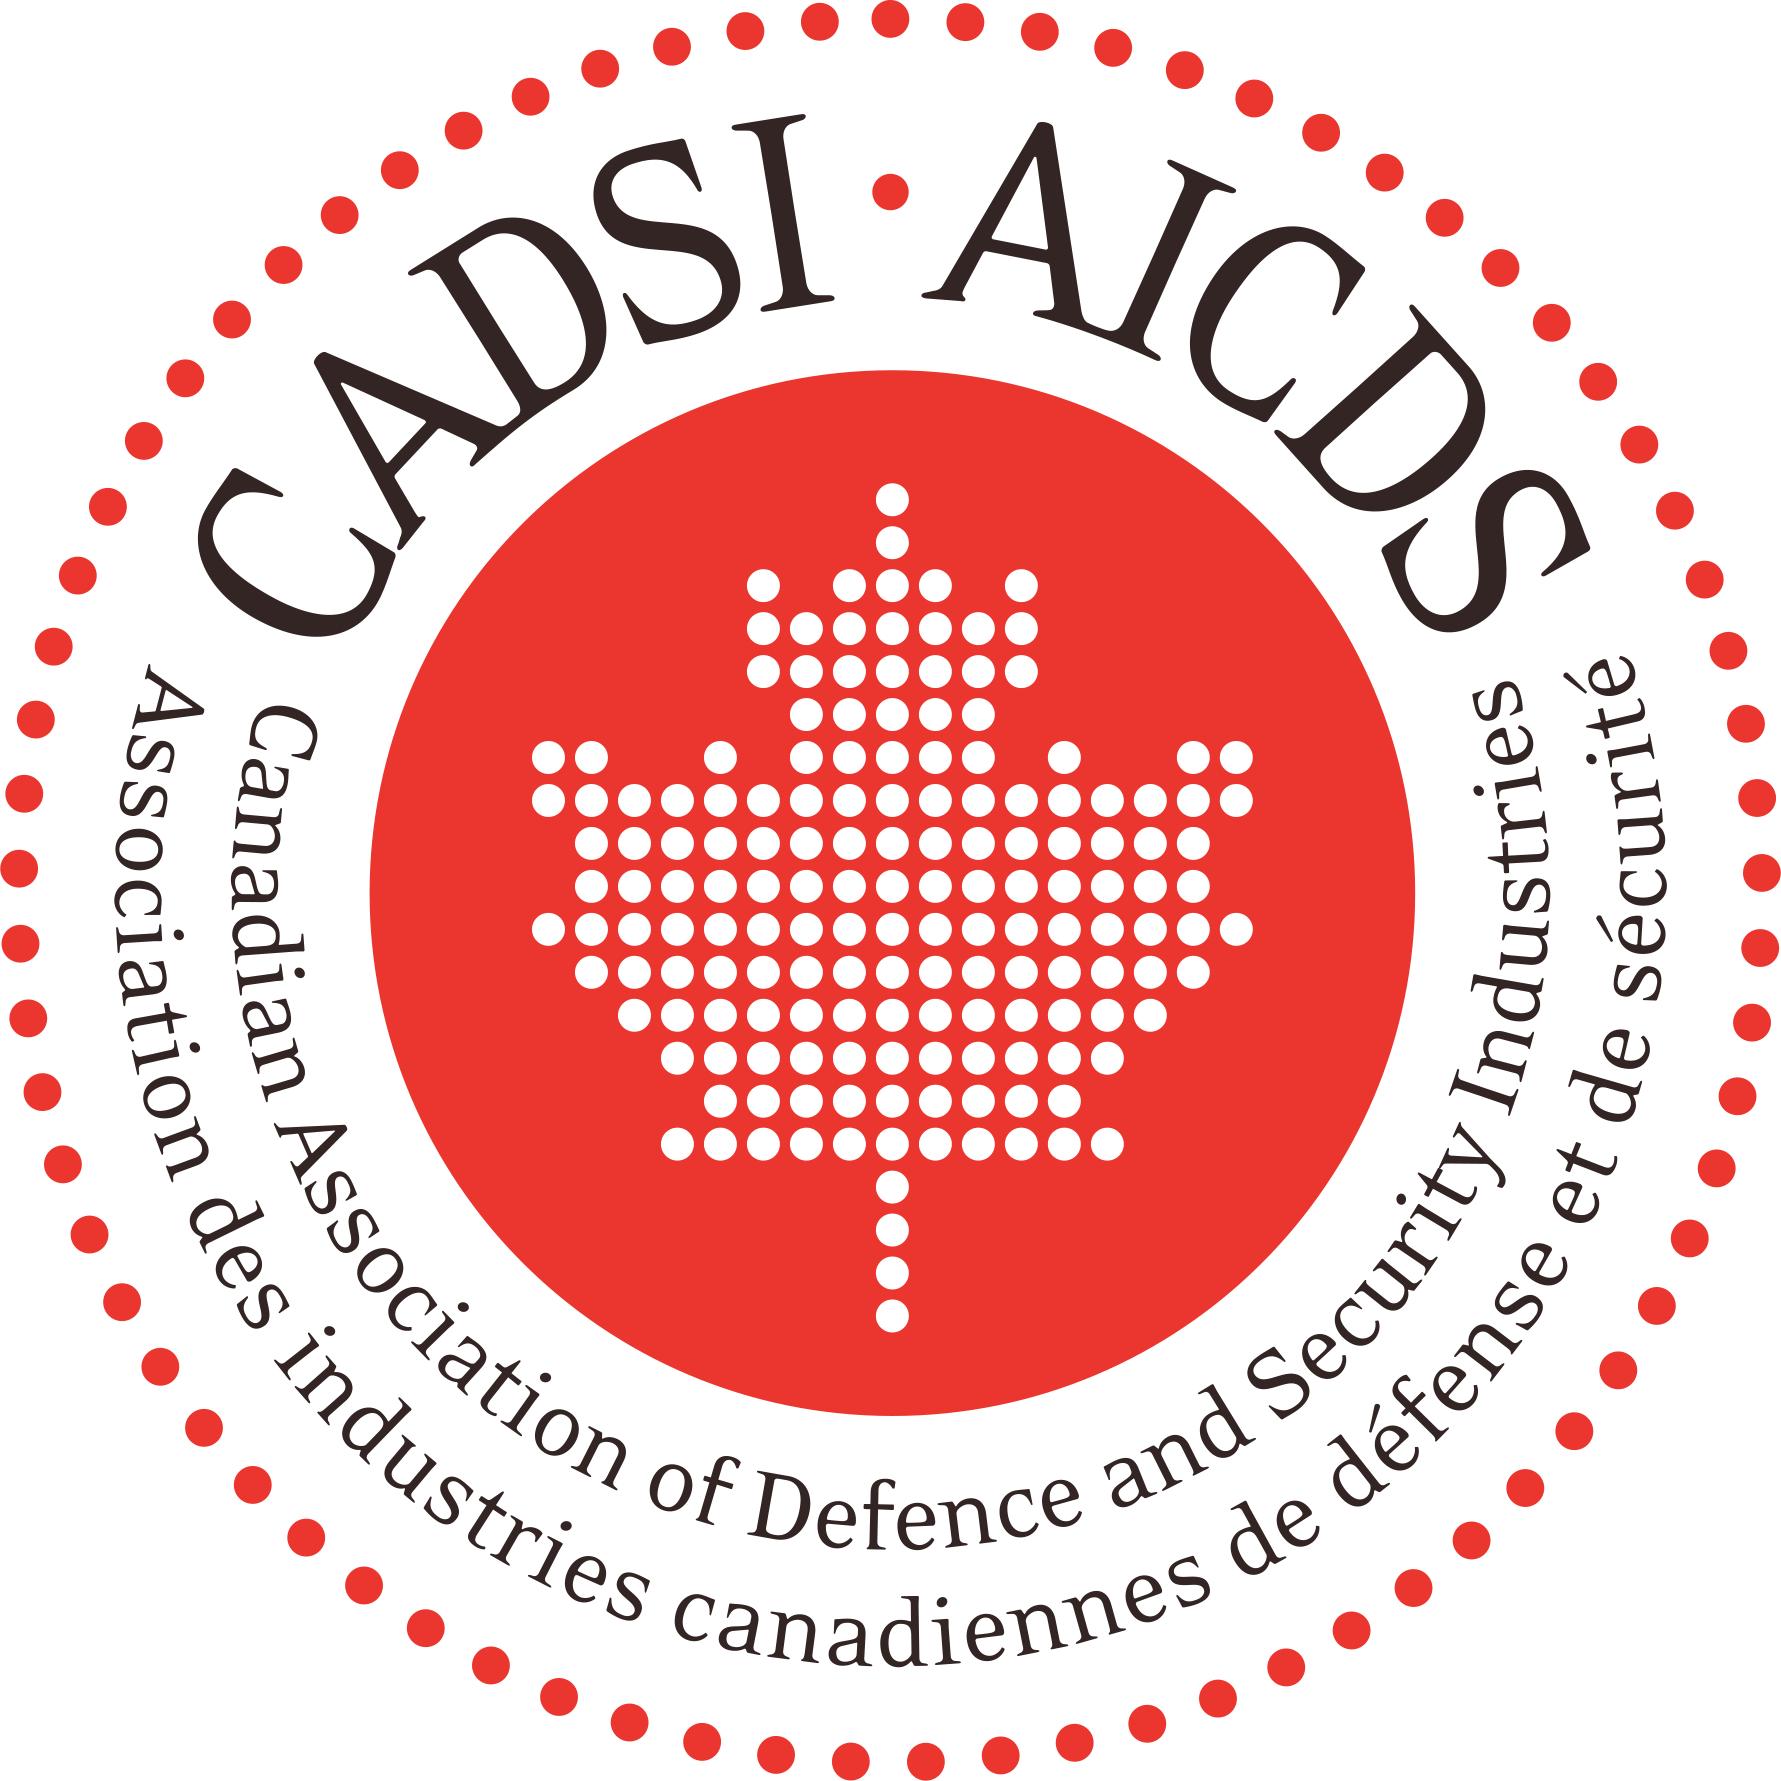 cadsi_aicds_logo.png